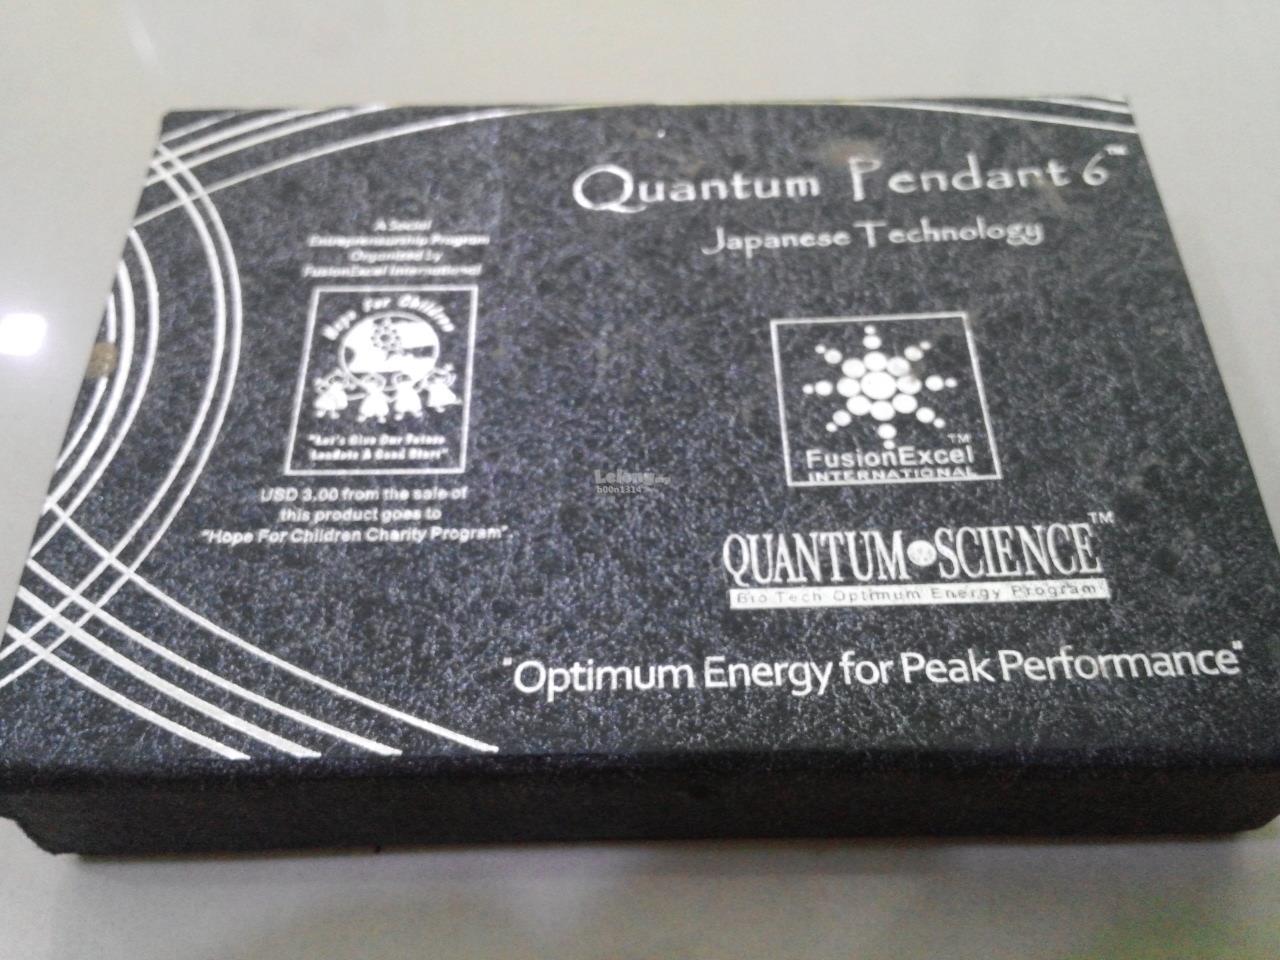 Fusion excel quantum pendant 6 ge end 10122016 1115 am fusion excel quantum pendant 6 genuine aloadofball Gallery